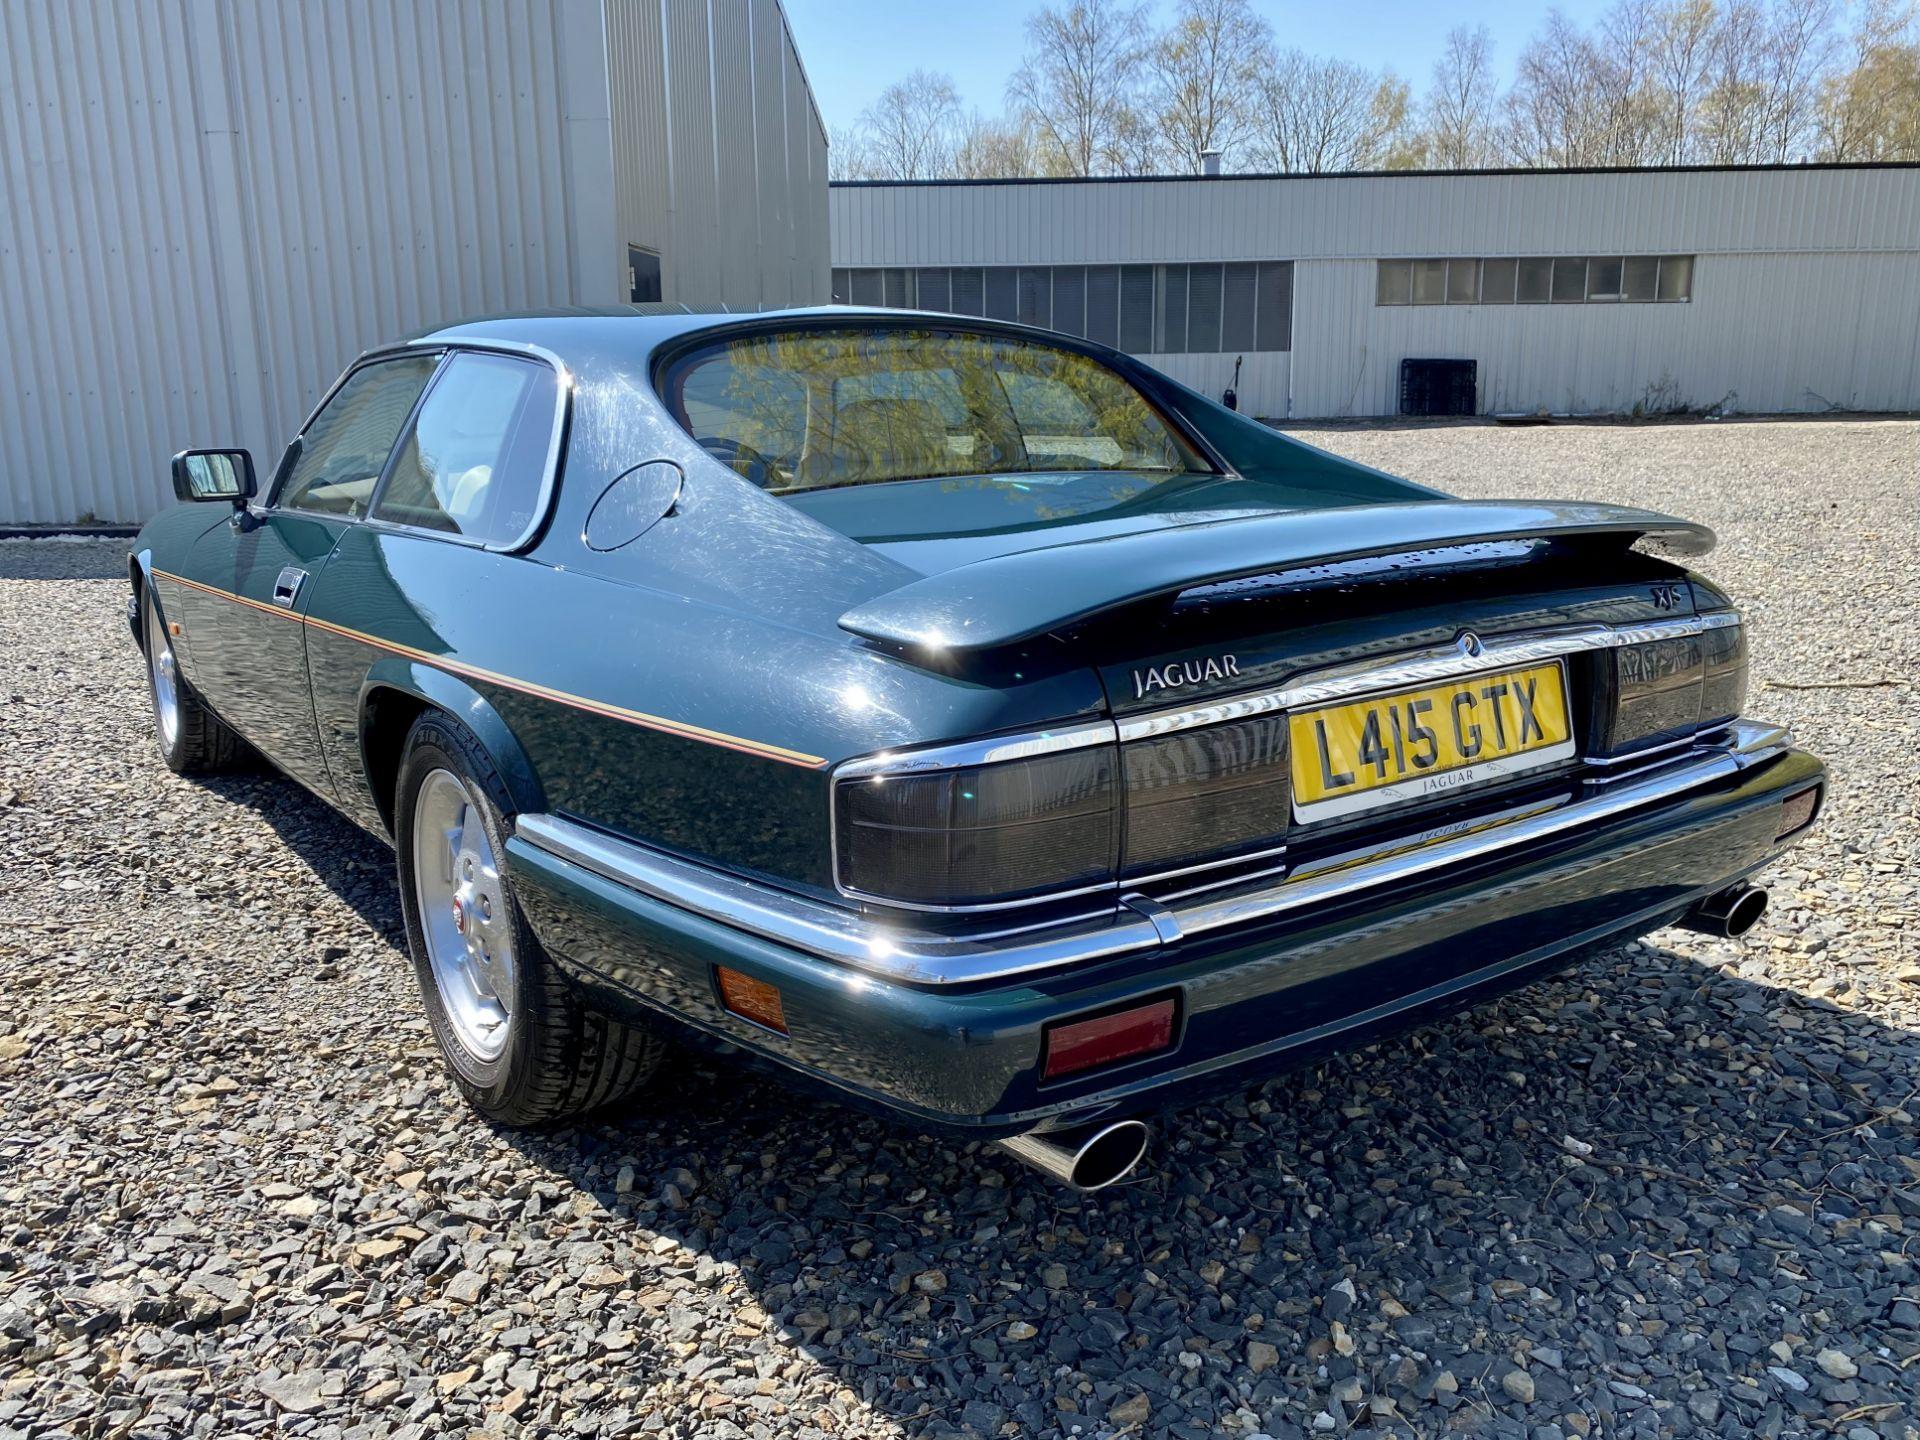 Jaguar XJS coupe - Image 21 of 64